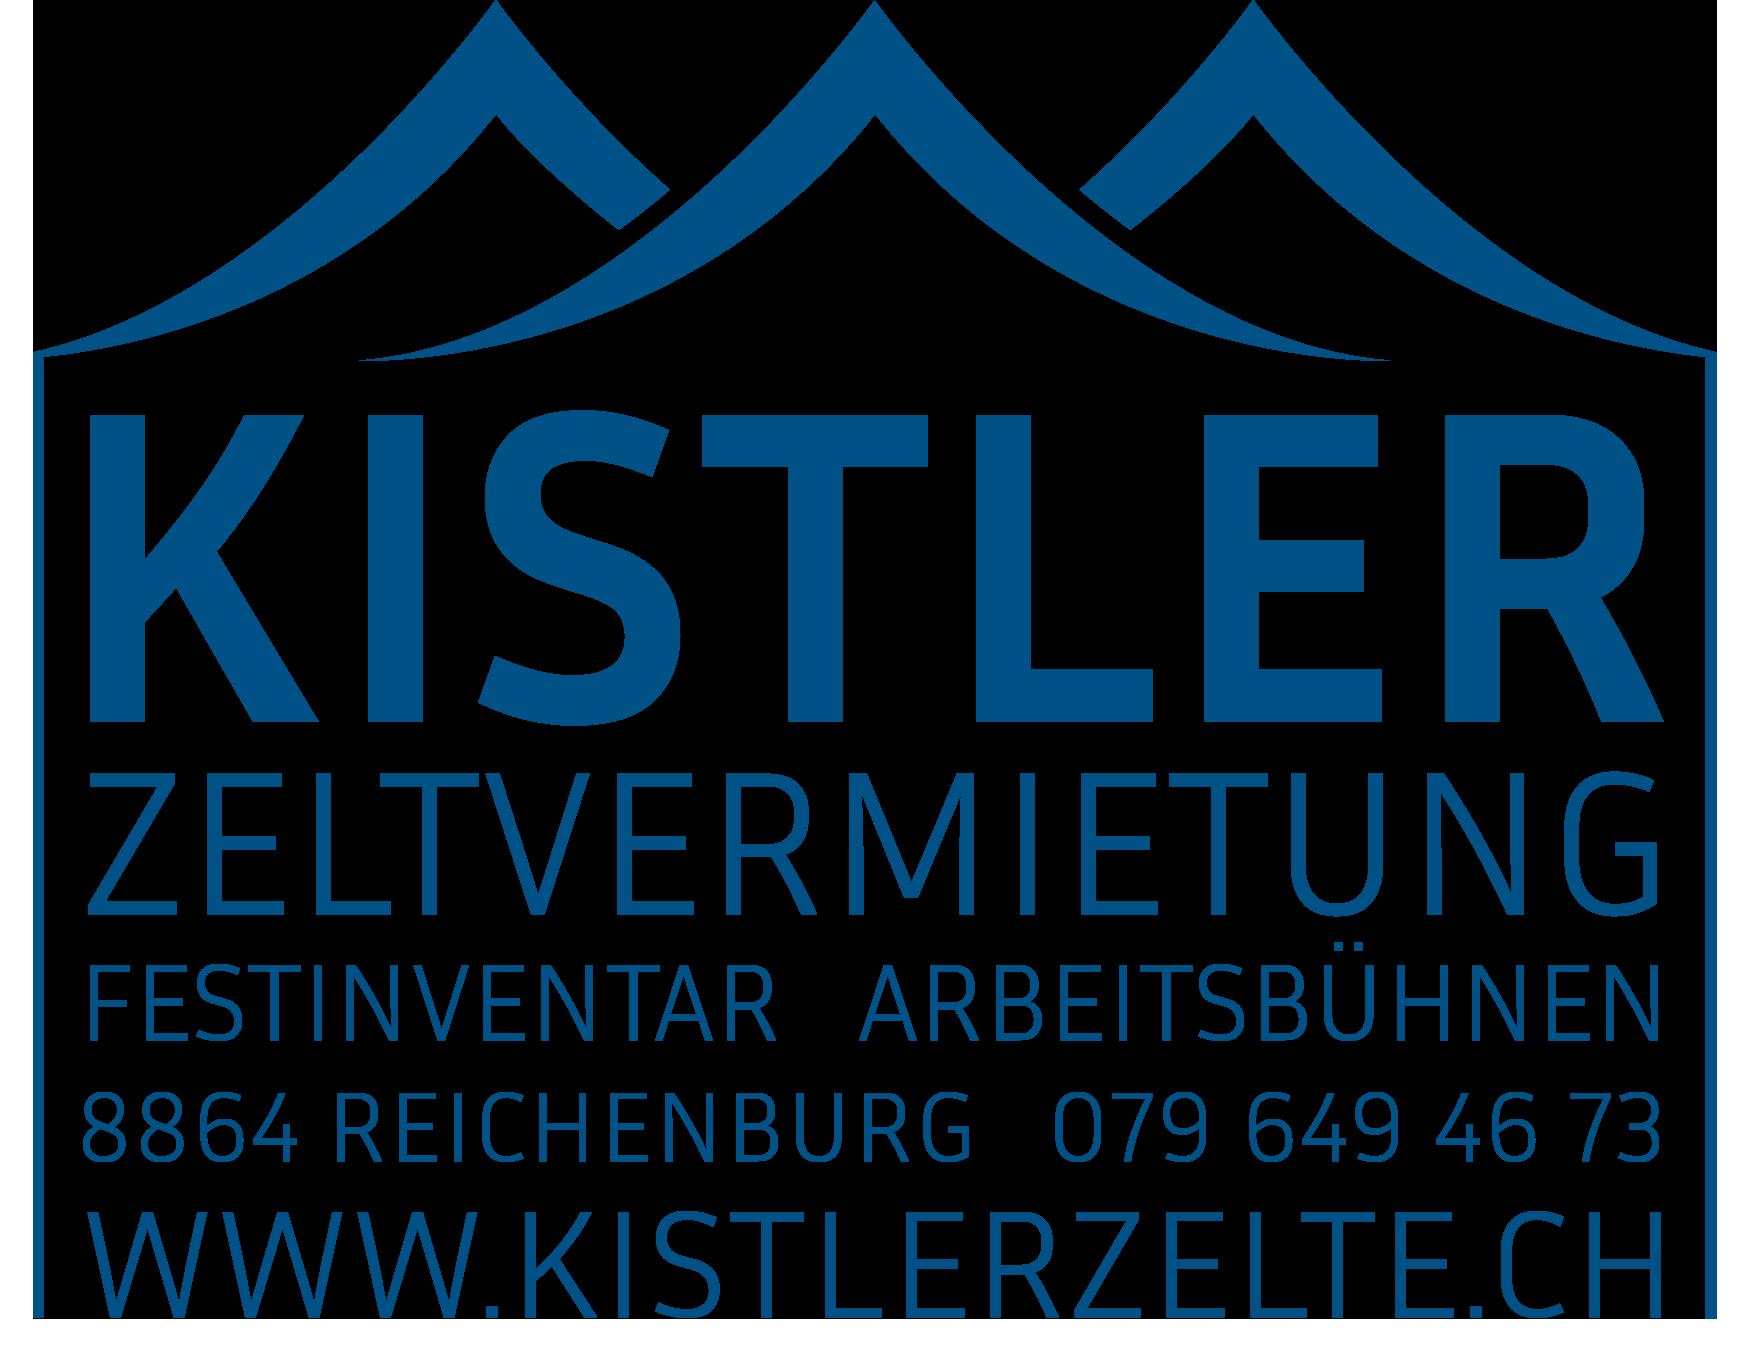 Kistler Zeltvermietung Logo